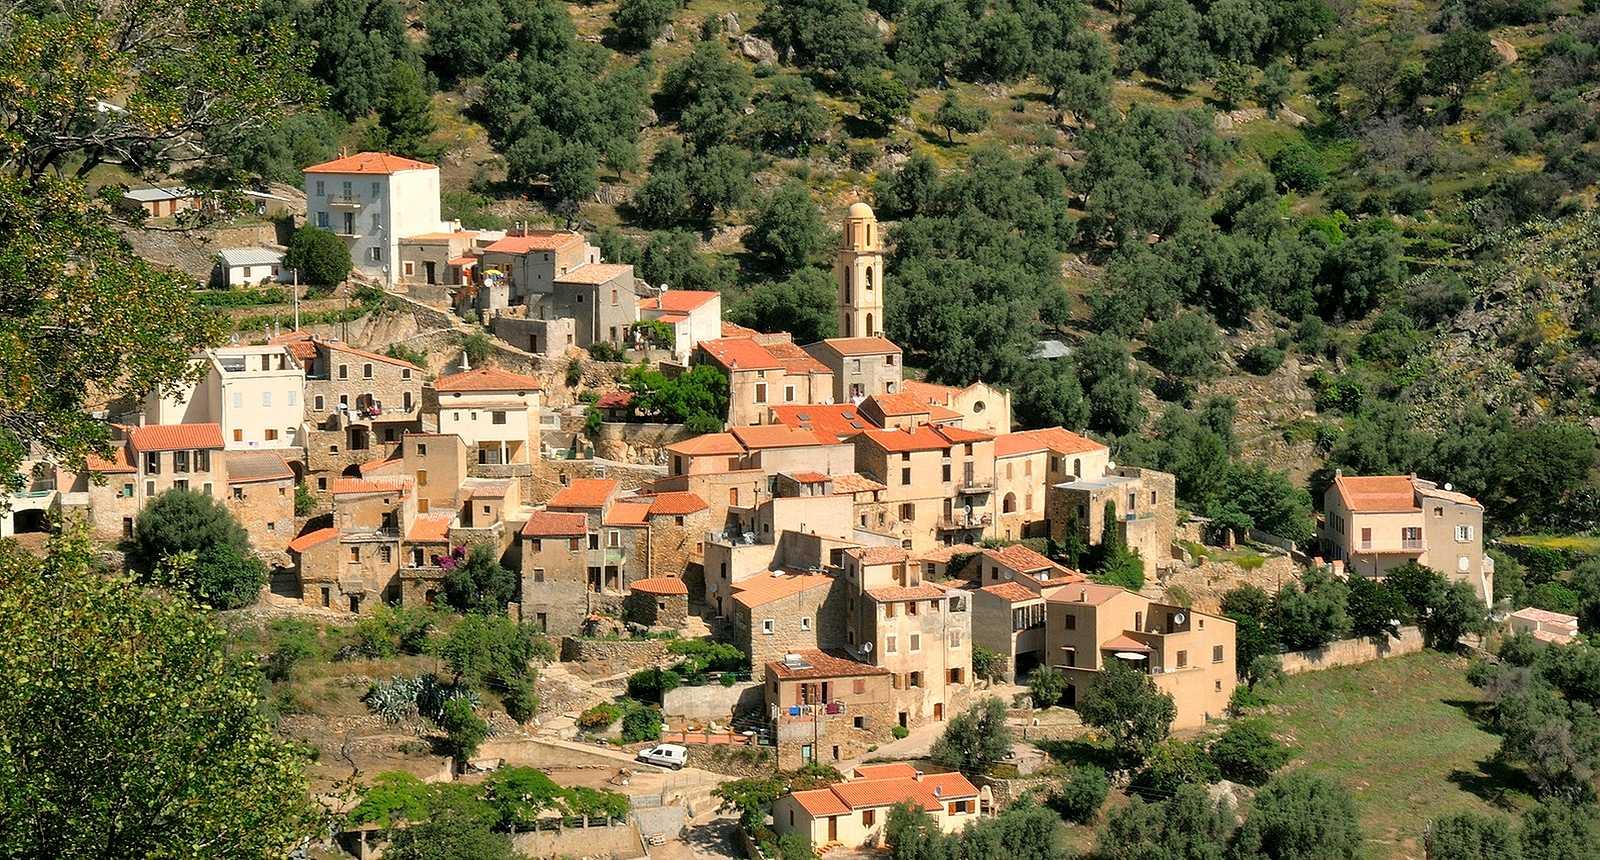 """Résultat de recherche d'images pour """"photos villages de Balagne en corse"""""""